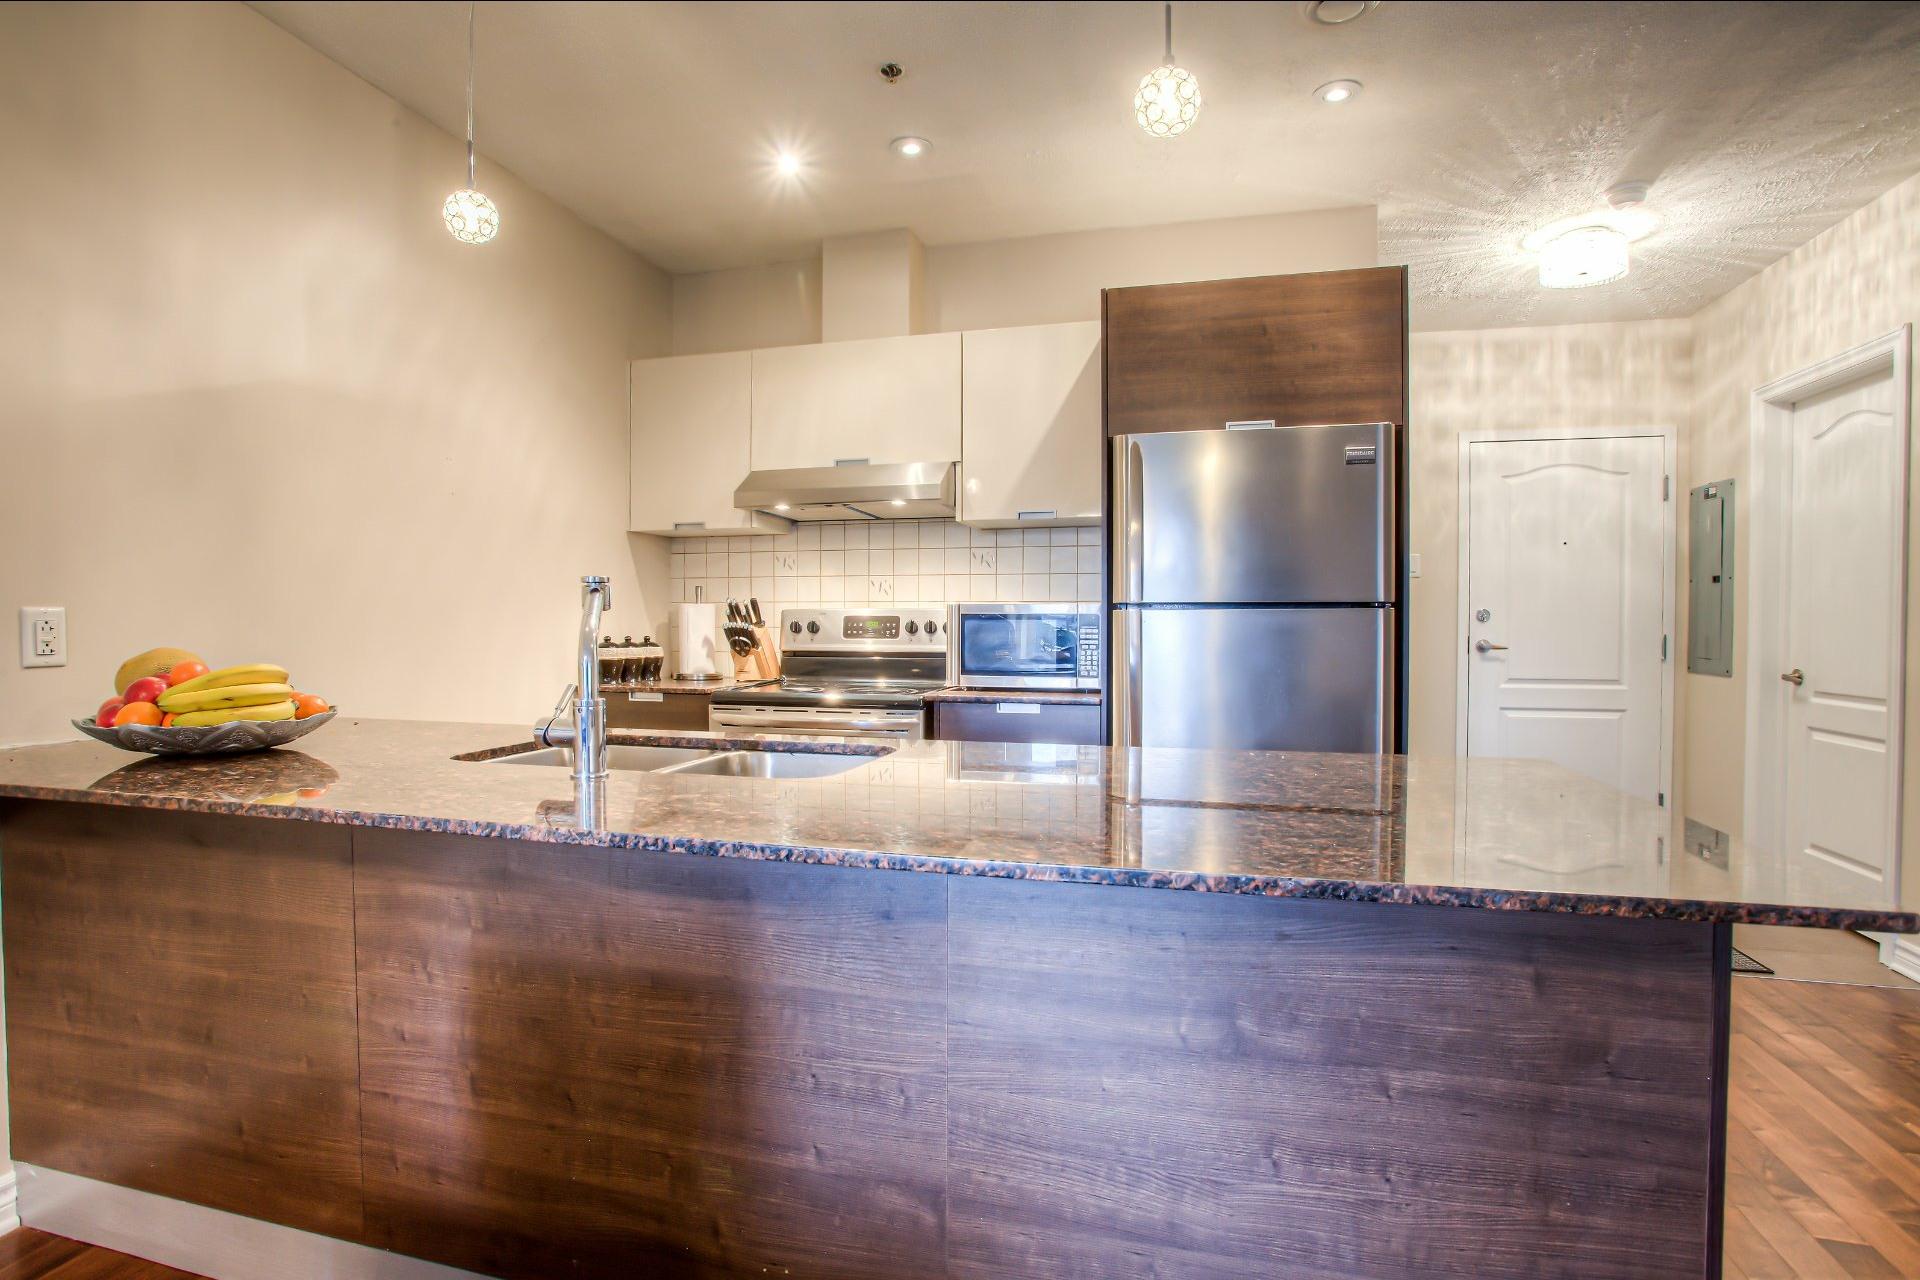 image 5 - Apartment For sale Saint-Laurent Montréal  - 9 rooms